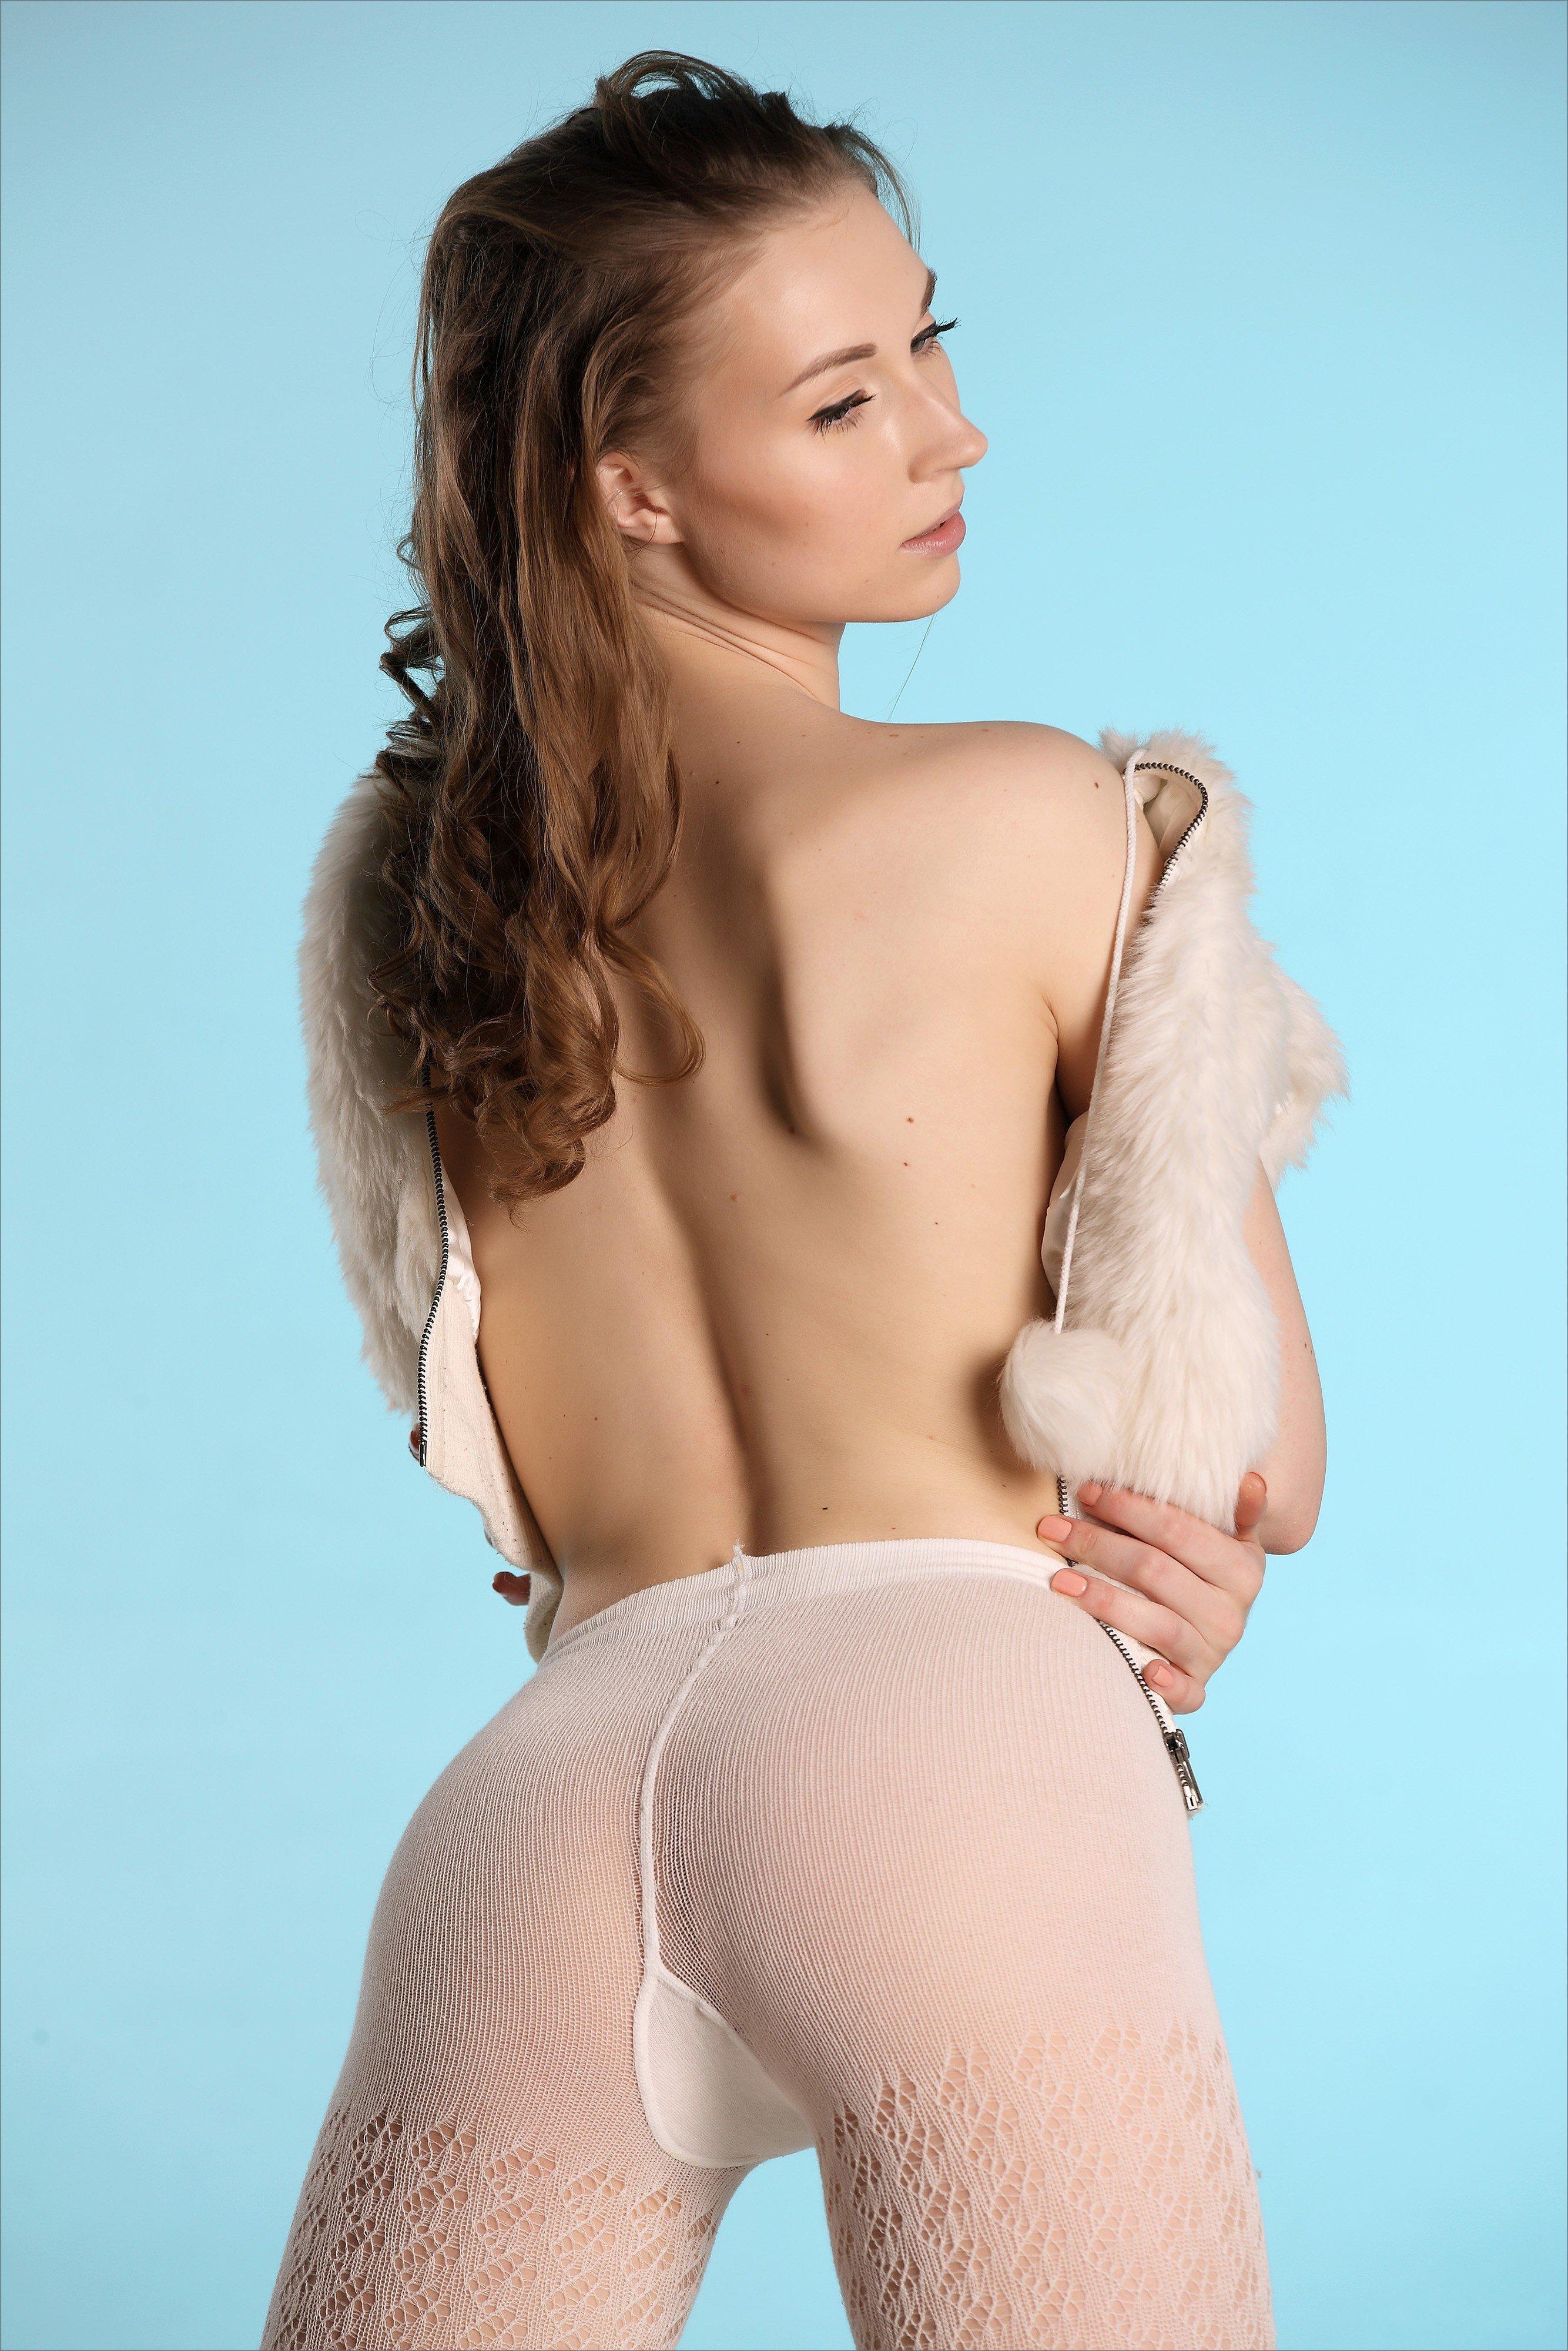 женщины попы большие фото натуральные одетые ираздетые